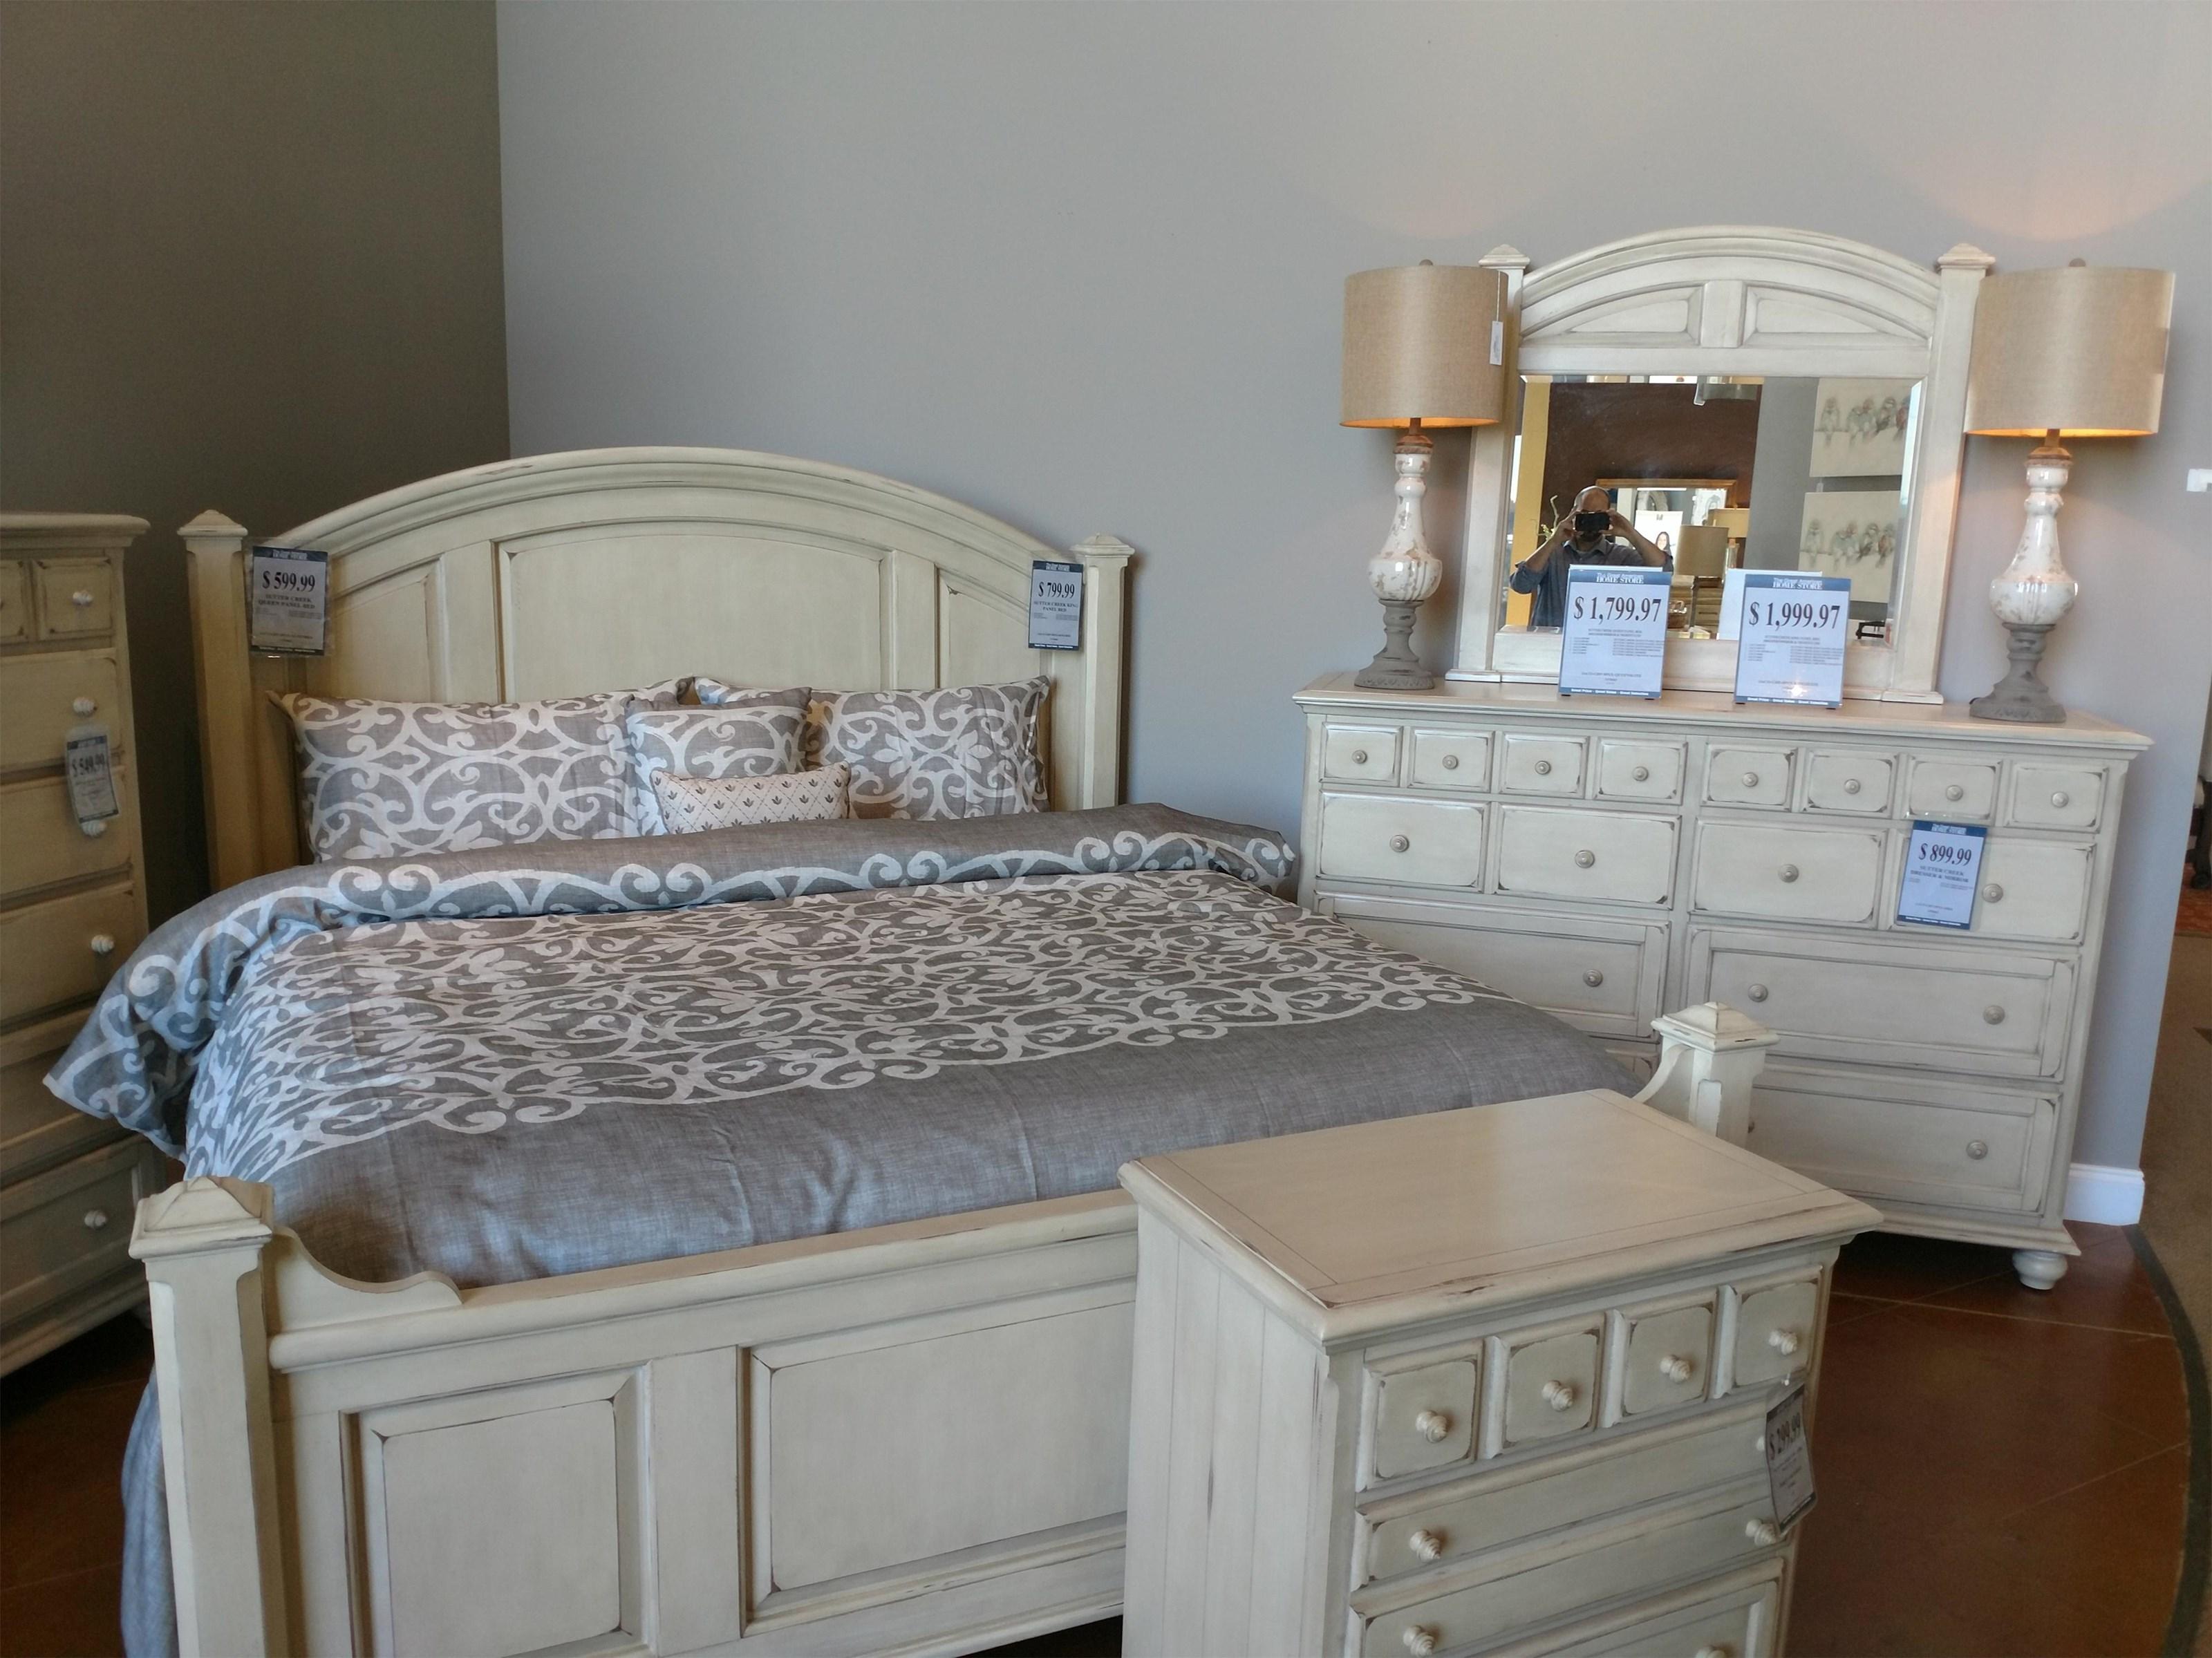 Jacob Edwards Designs Sutter Creek King Bedroom Group - Item Number: GRP-89XX-KINGSUITE